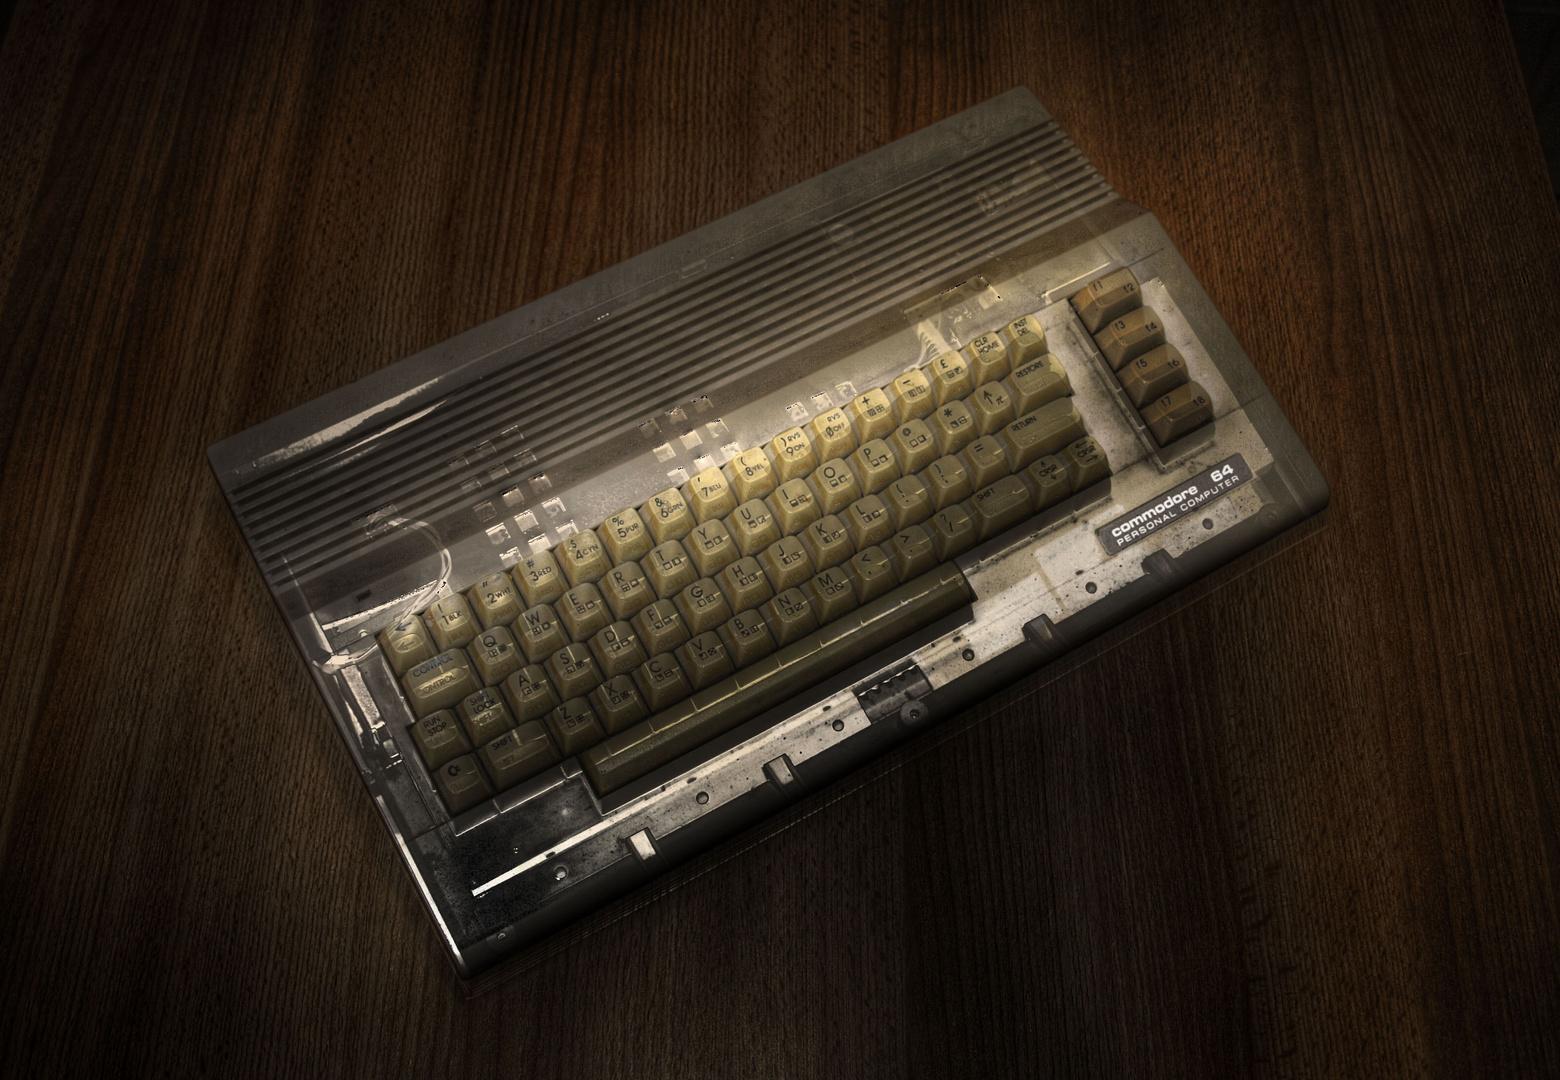 C64 transparent